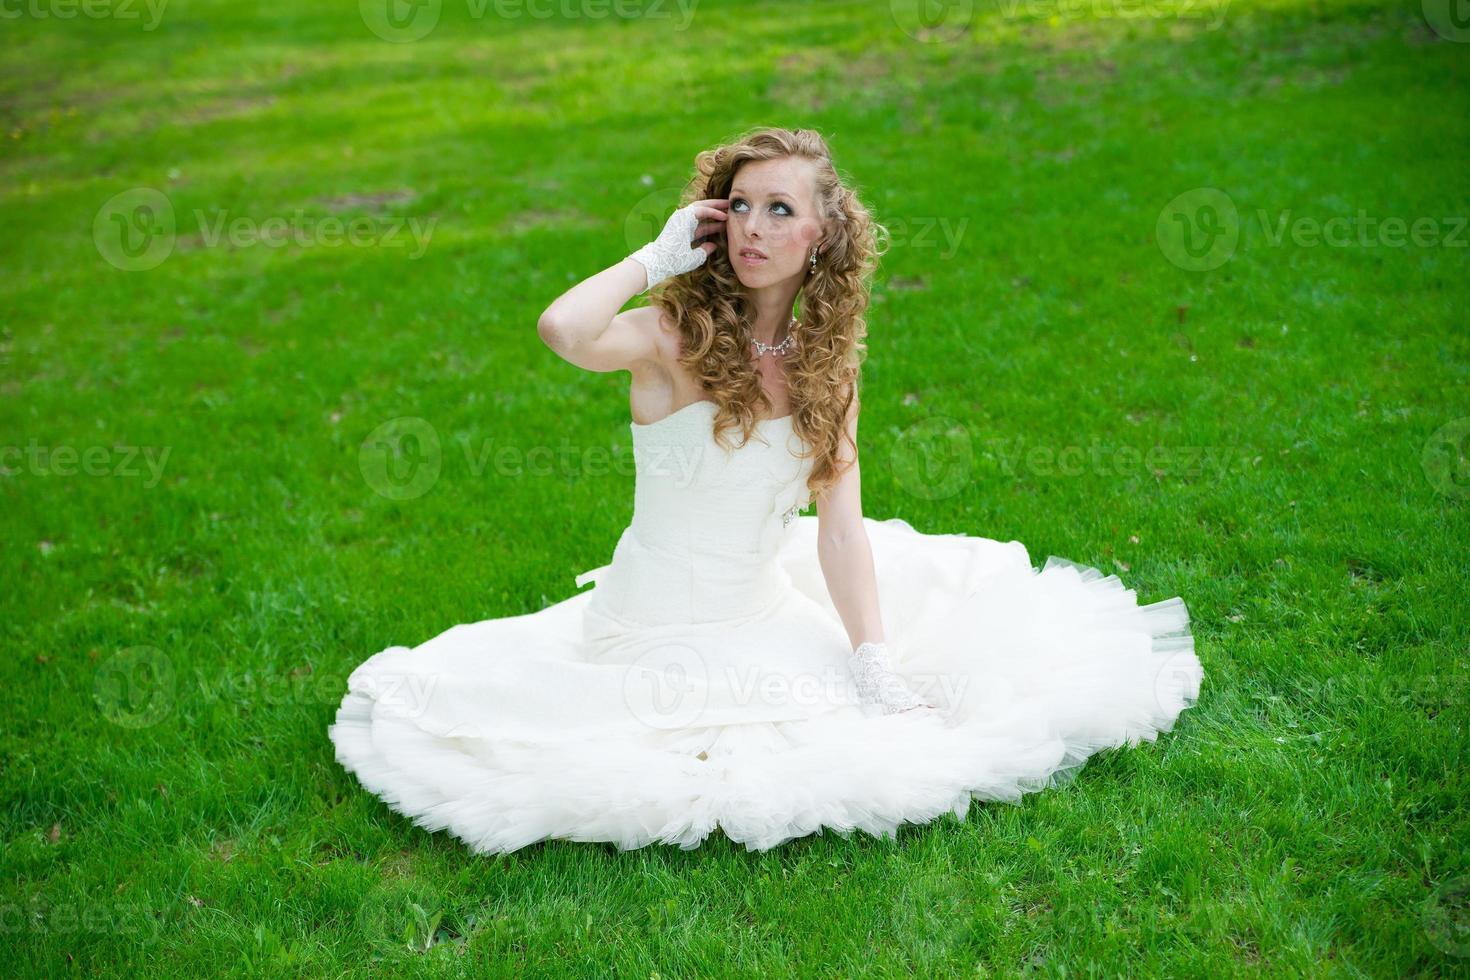 schöne Braut in einem weißen Kleid auf grünem Gras foto